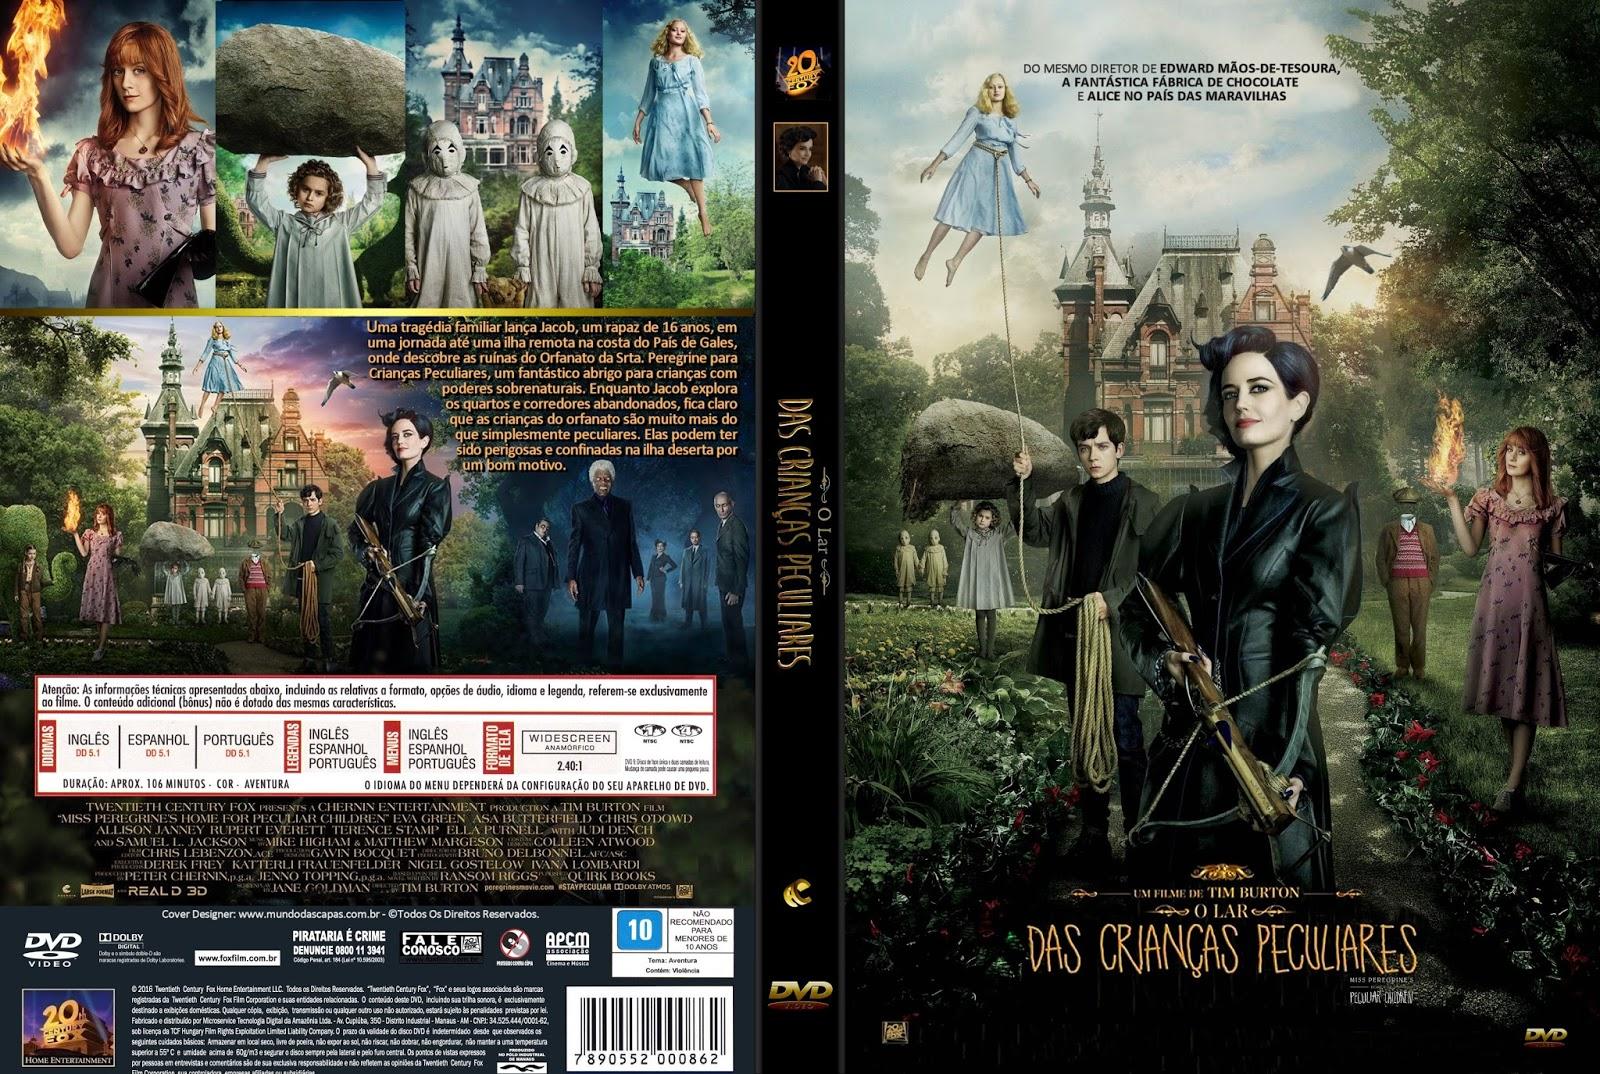 Download O Lar das Crianças Peculiares DVD-R